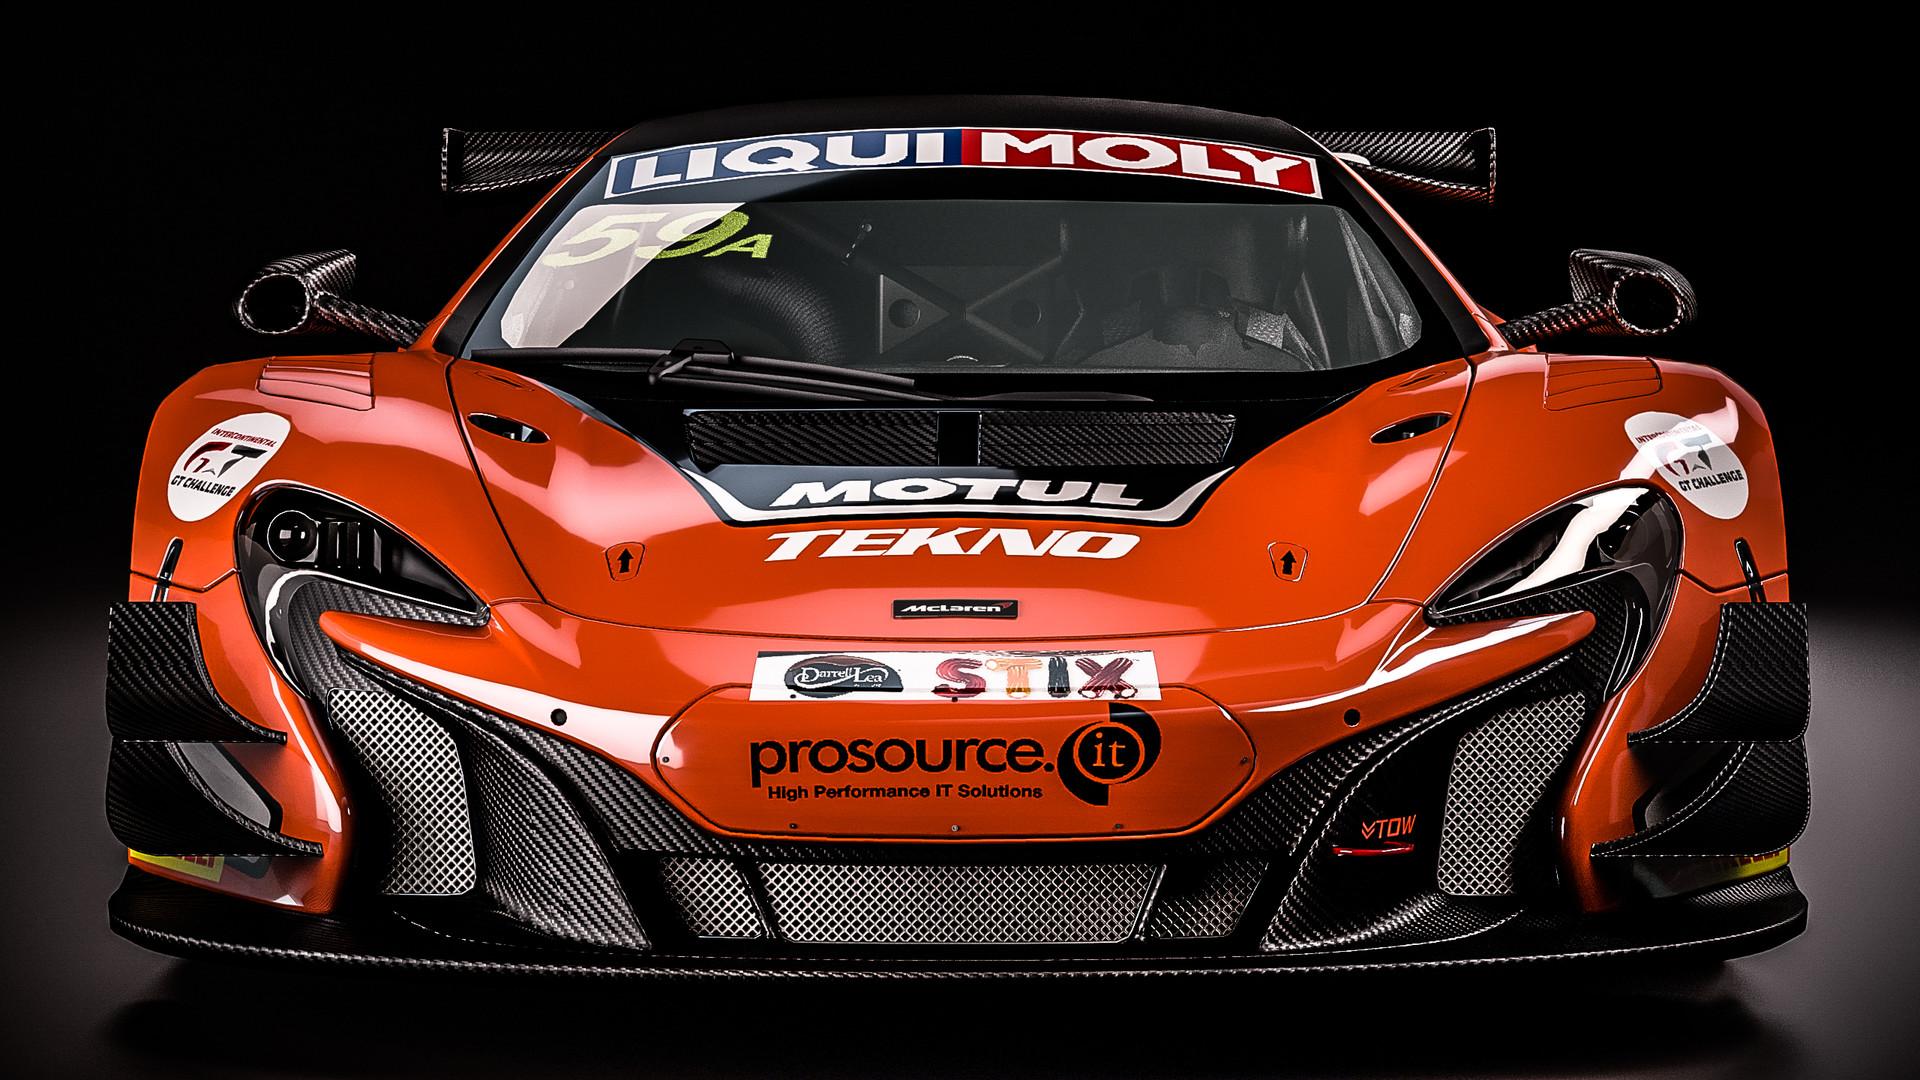 ArtStation - Mclaren 650S GT3 - McLaren GT Tekno Autosports, Zoki ...